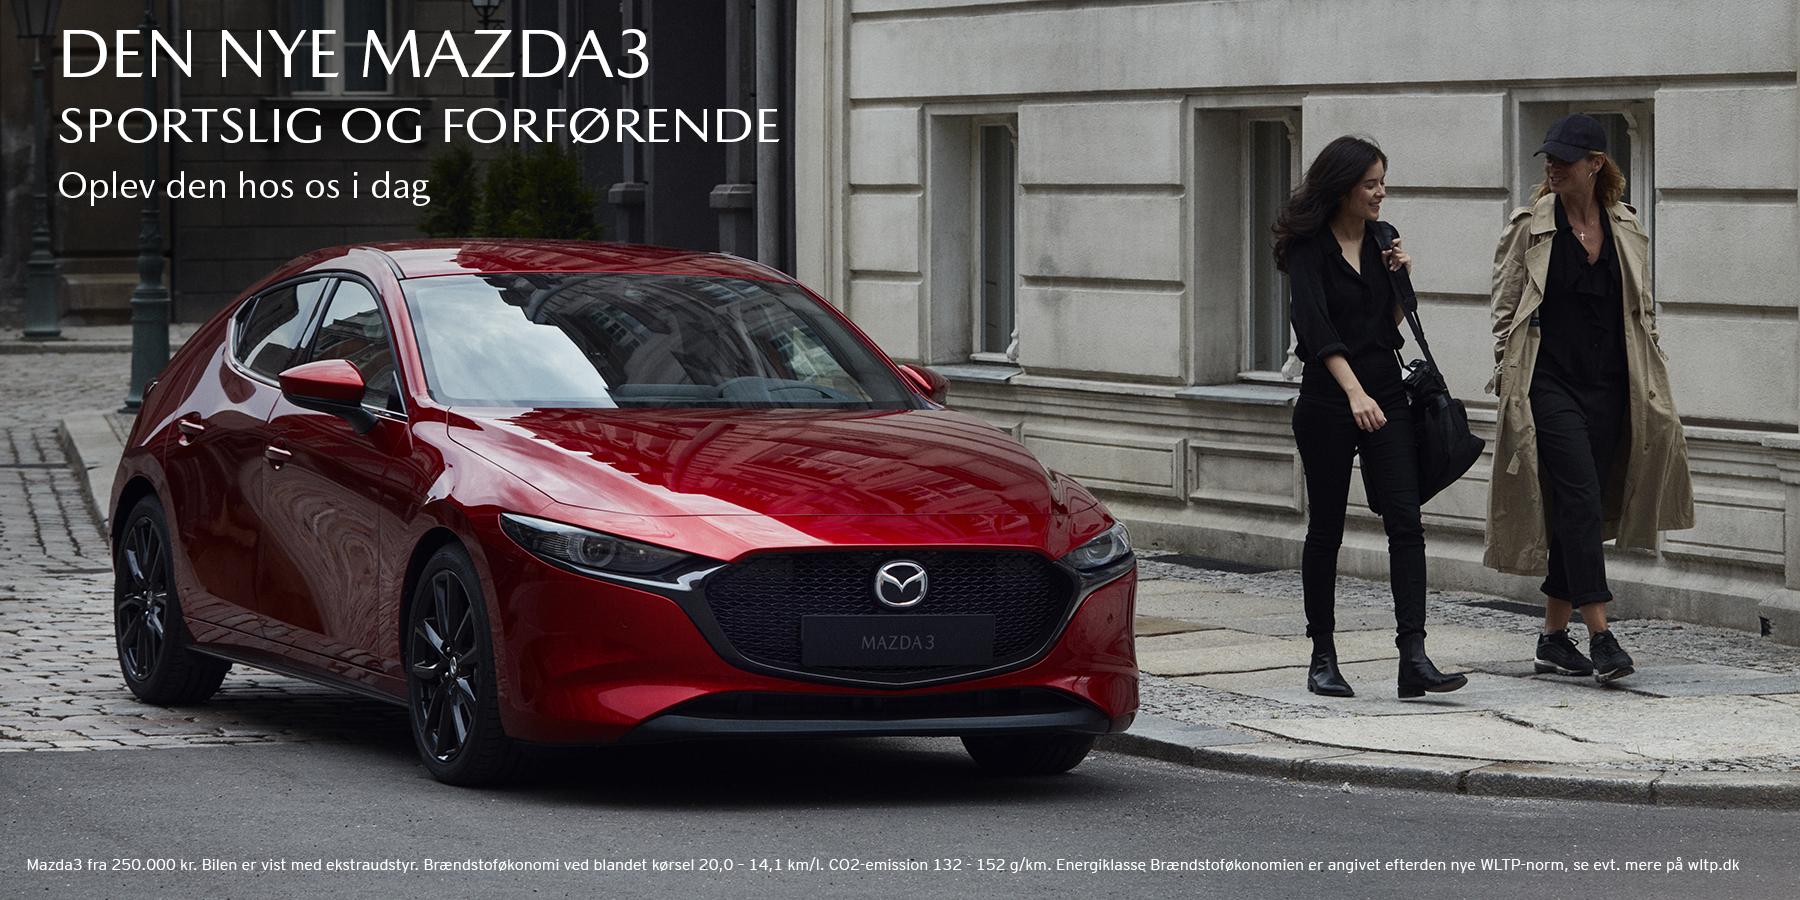 Den nye Mazda3 står klar til at give dig en eksklusiv oplevelse i alle vores forretninger